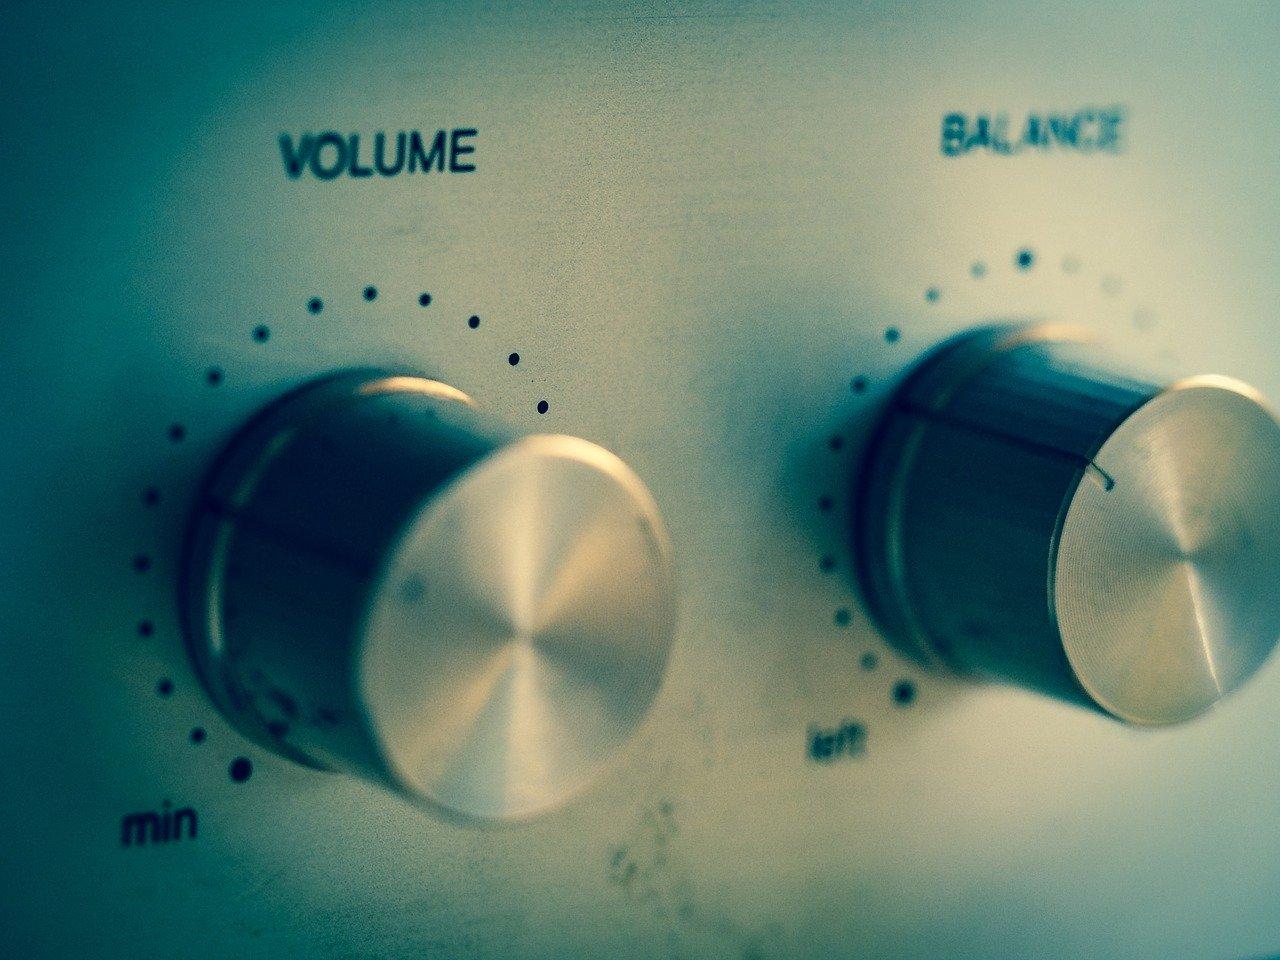 volume alto di radio maria per distrurbare vicini consulenza radiofonica